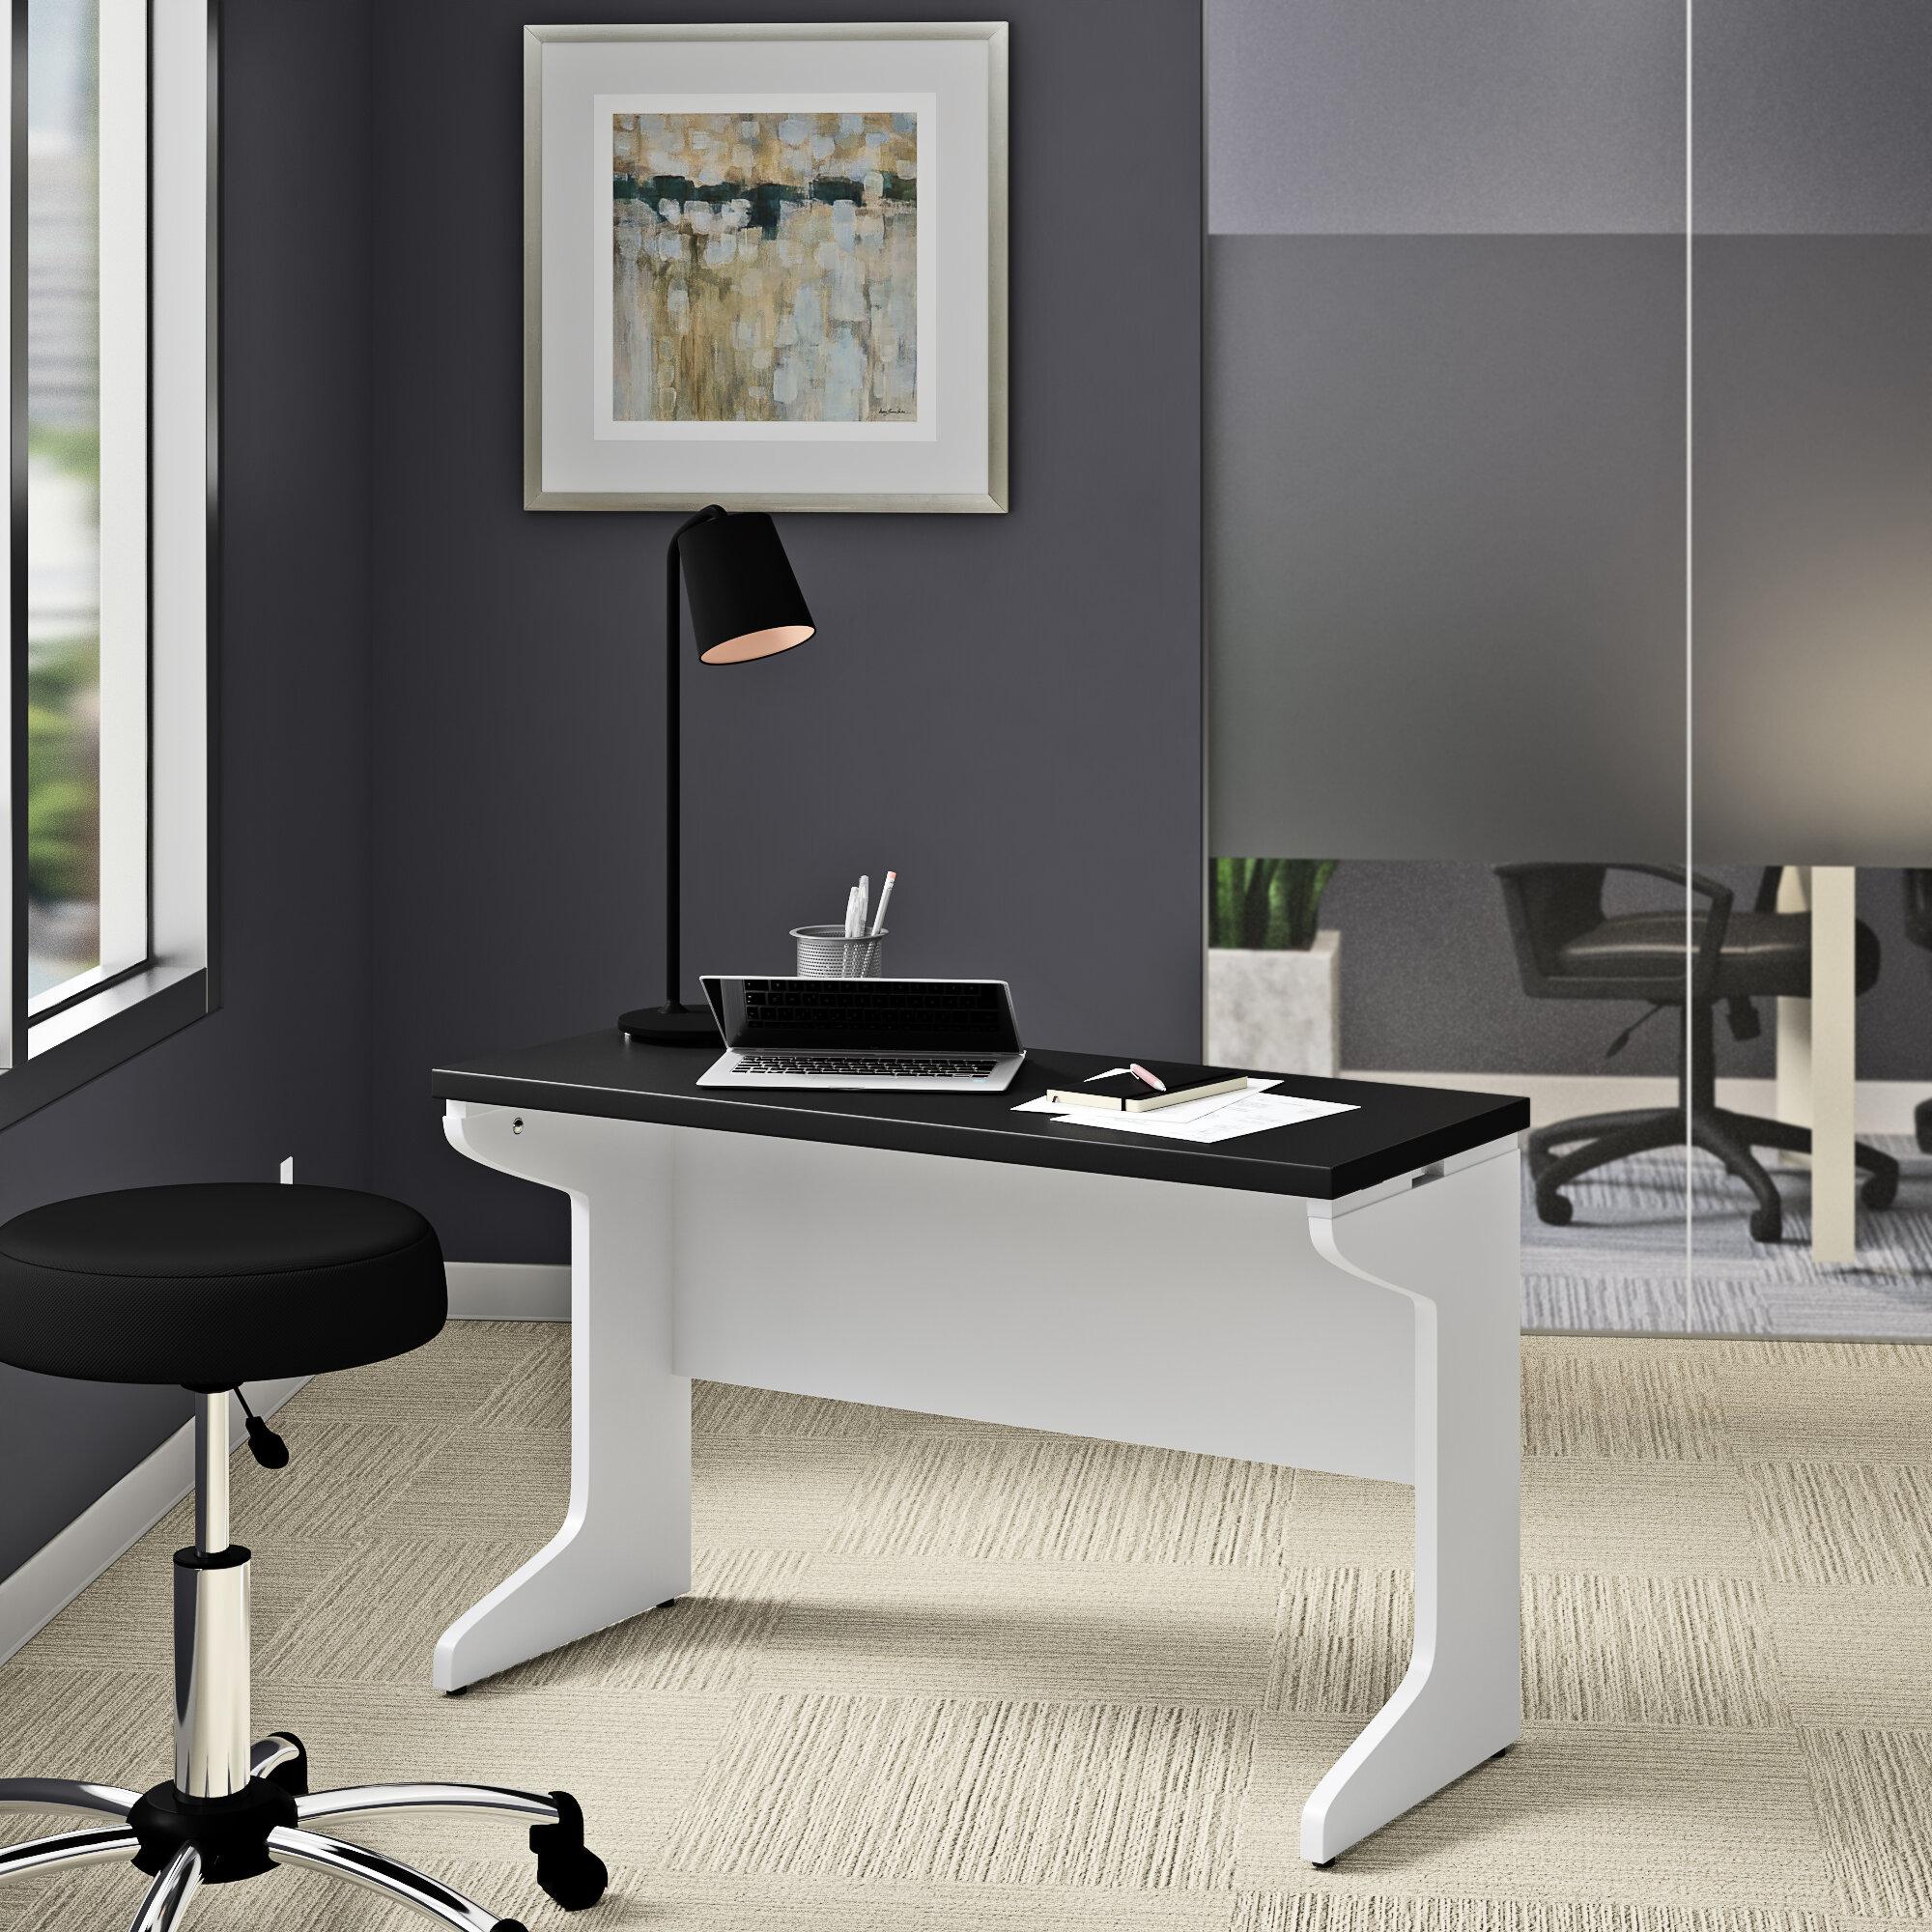 Executive Modern & Contemporary Desks | FREE Shipping Over $35